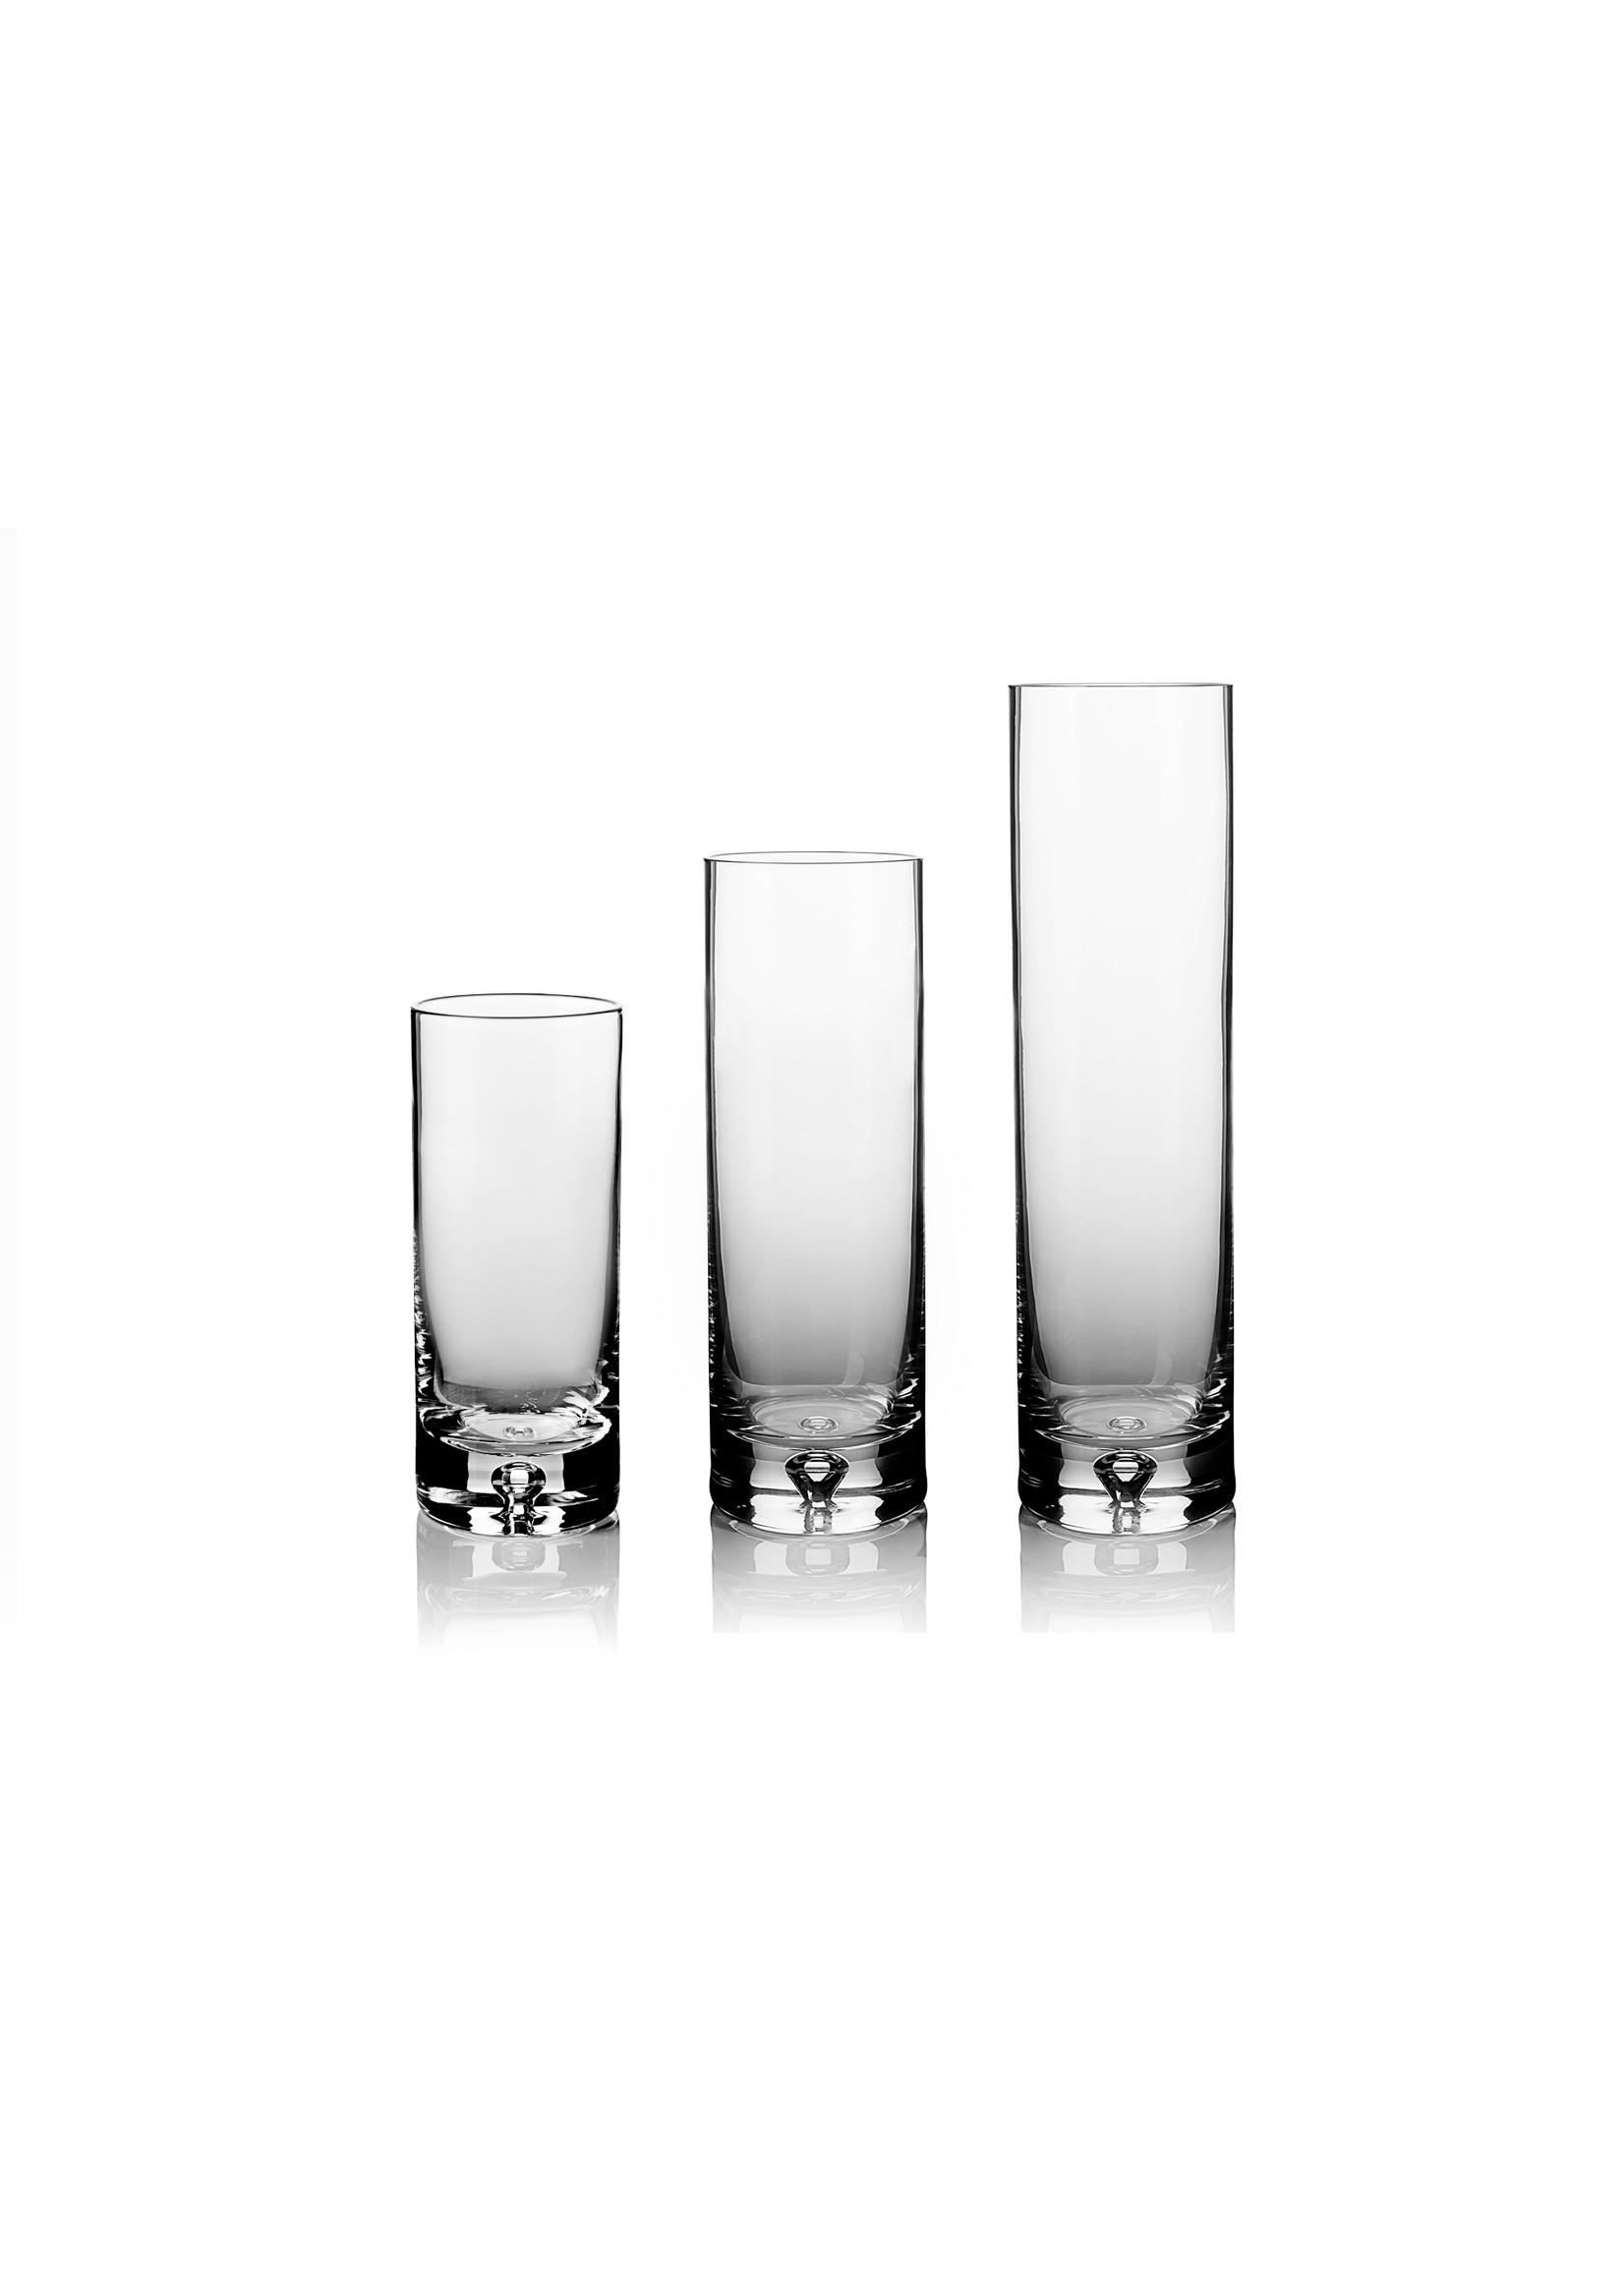 Skloglass Handgemaakt kristallen Bubble vaas